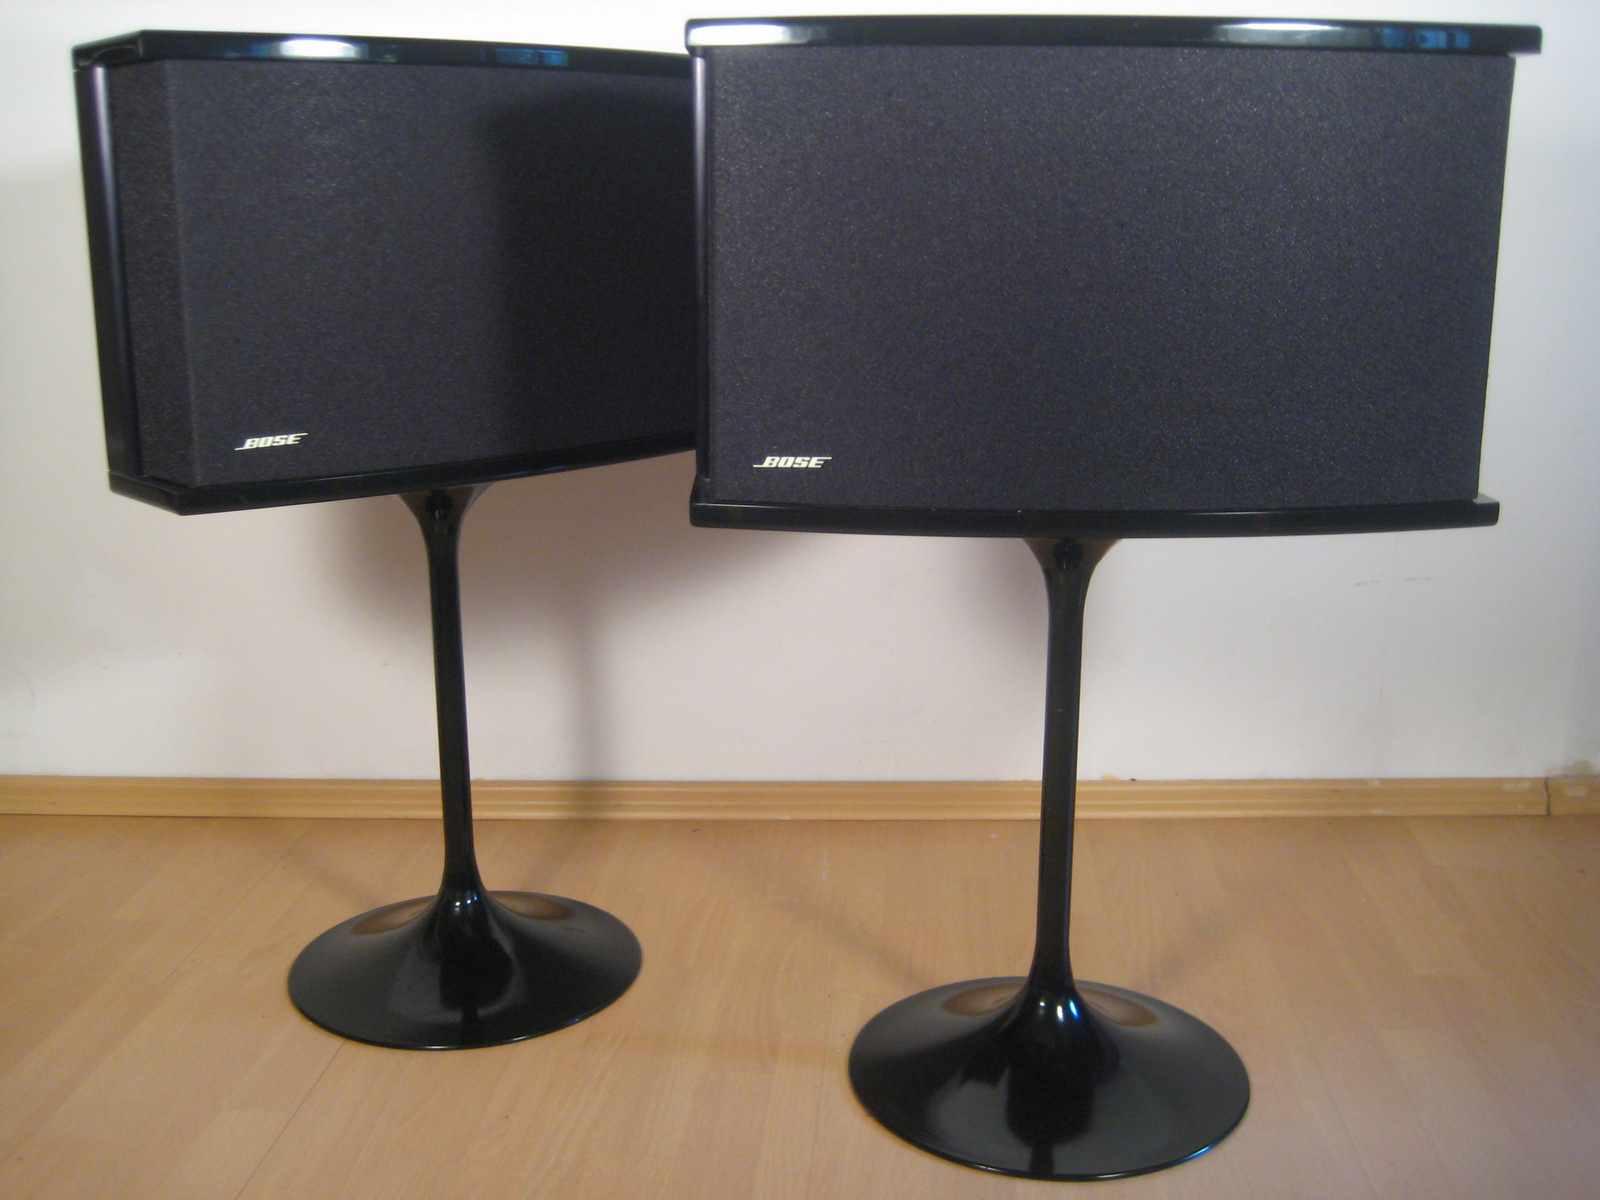 Casse acustiche surround bose 901 direct reflecting impianto audio professionale ebay - Impianto stereo casa bose ...